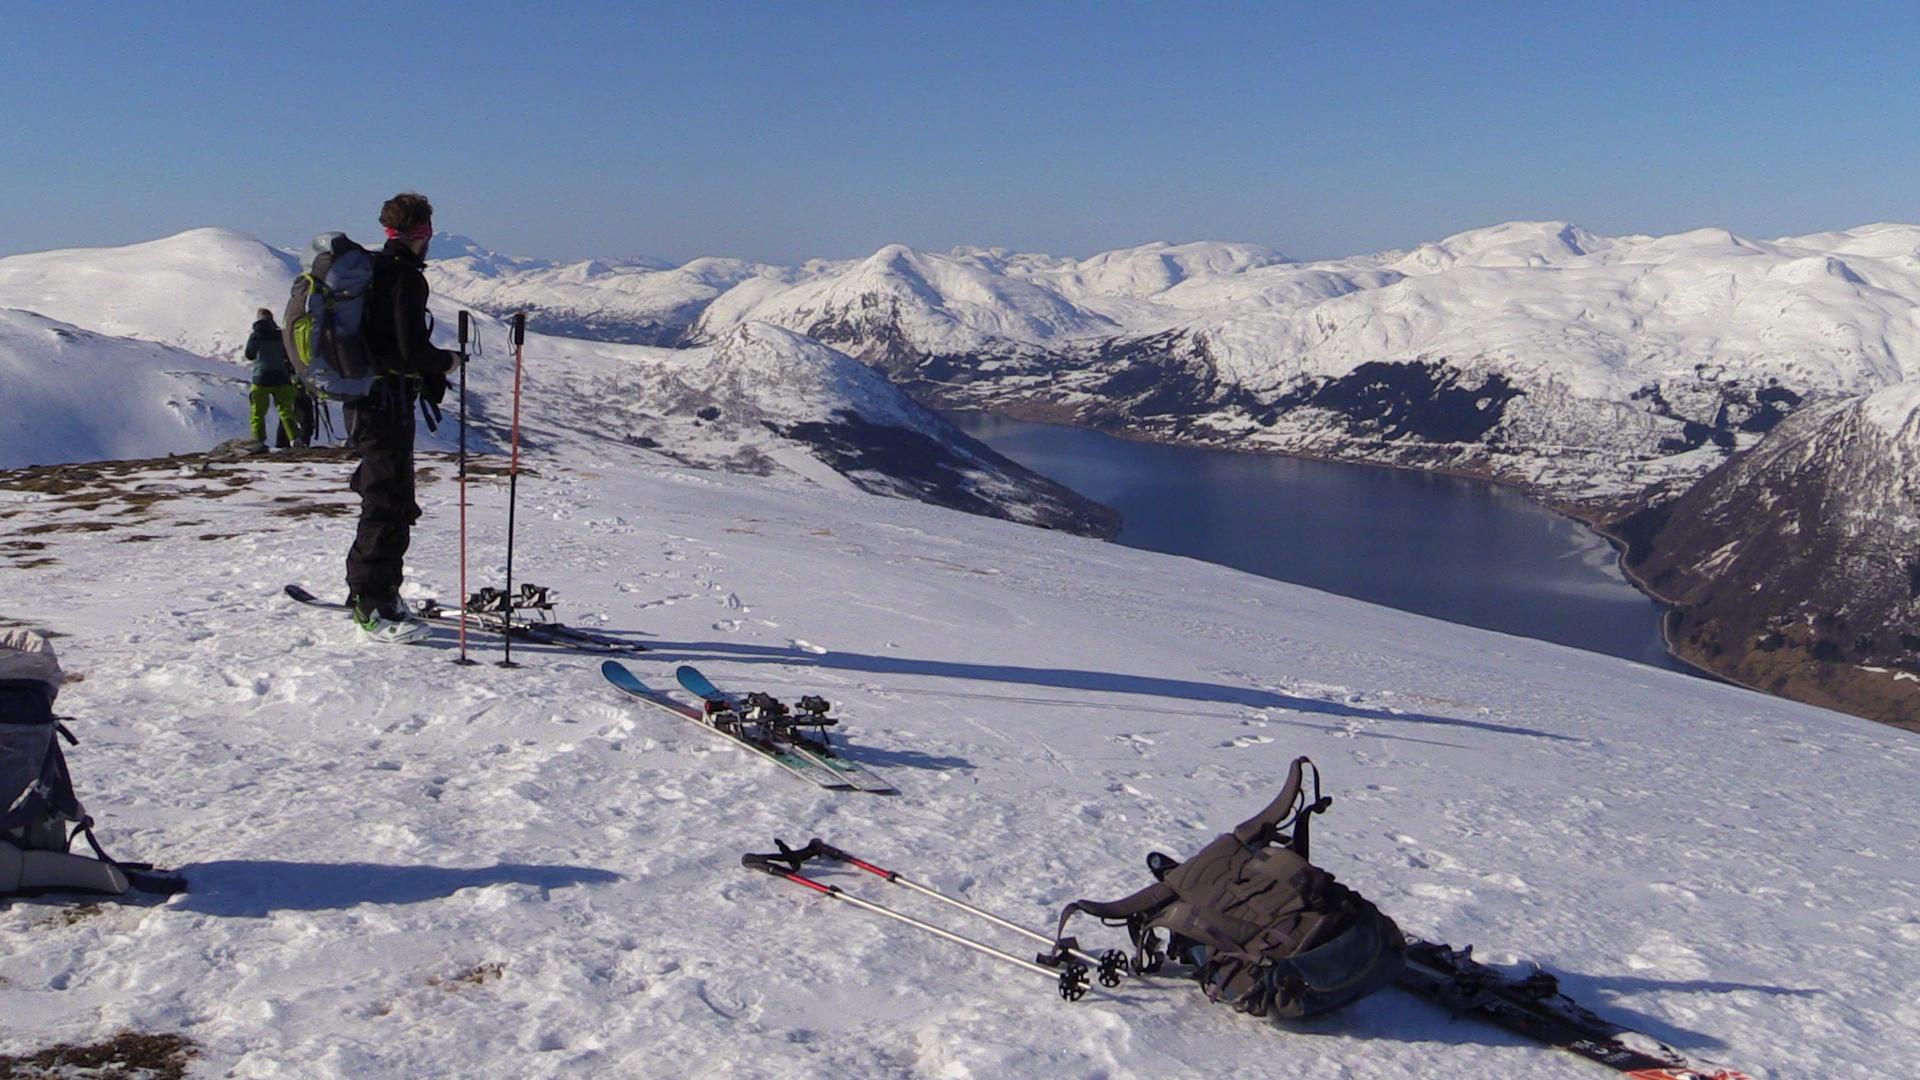 Olahansfjellet, Foto Olav Sægrov